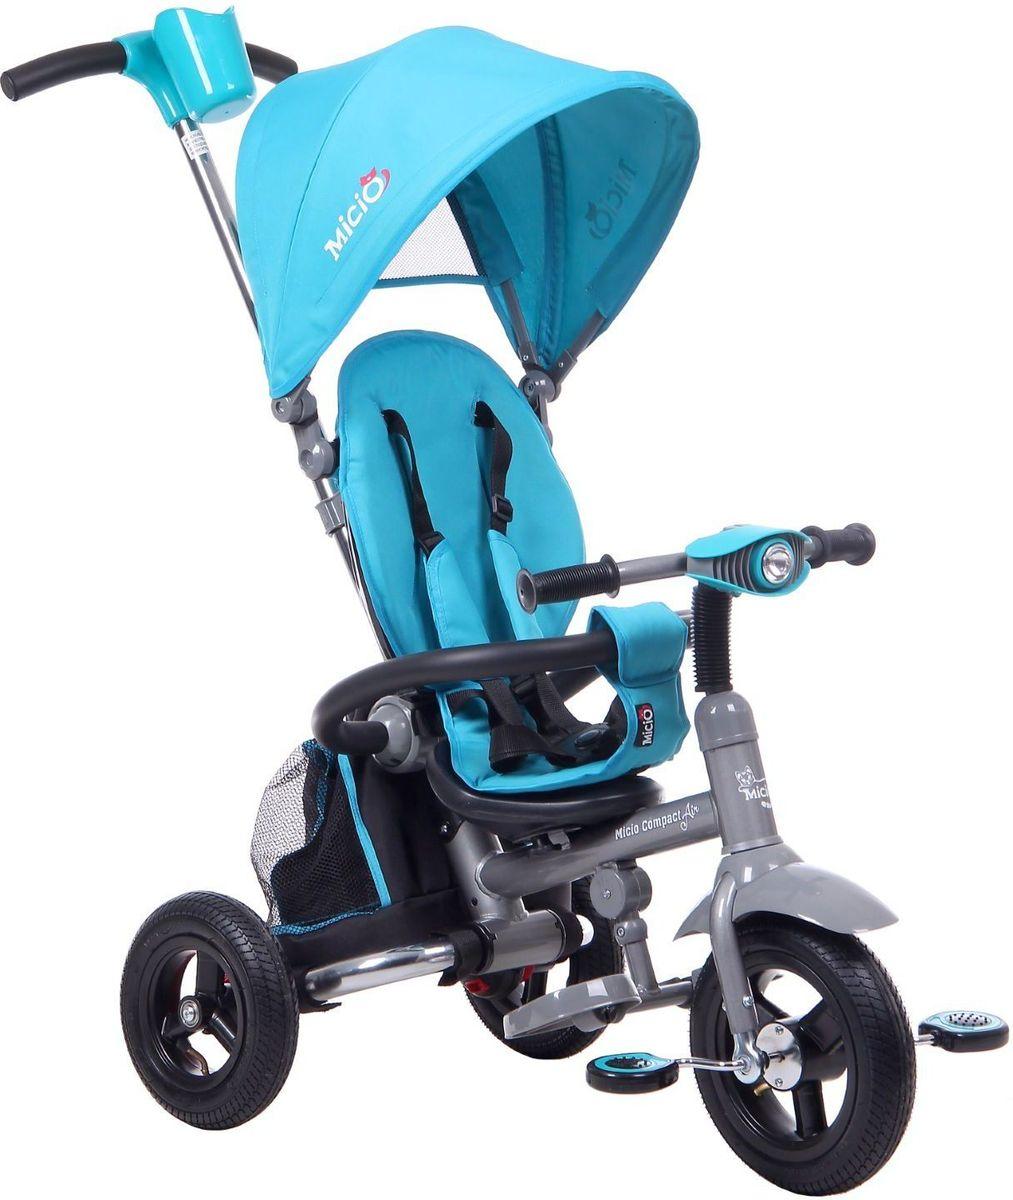 Micio Велосипед детский трехколесный Compact Air 2017 цвет бирюзовый